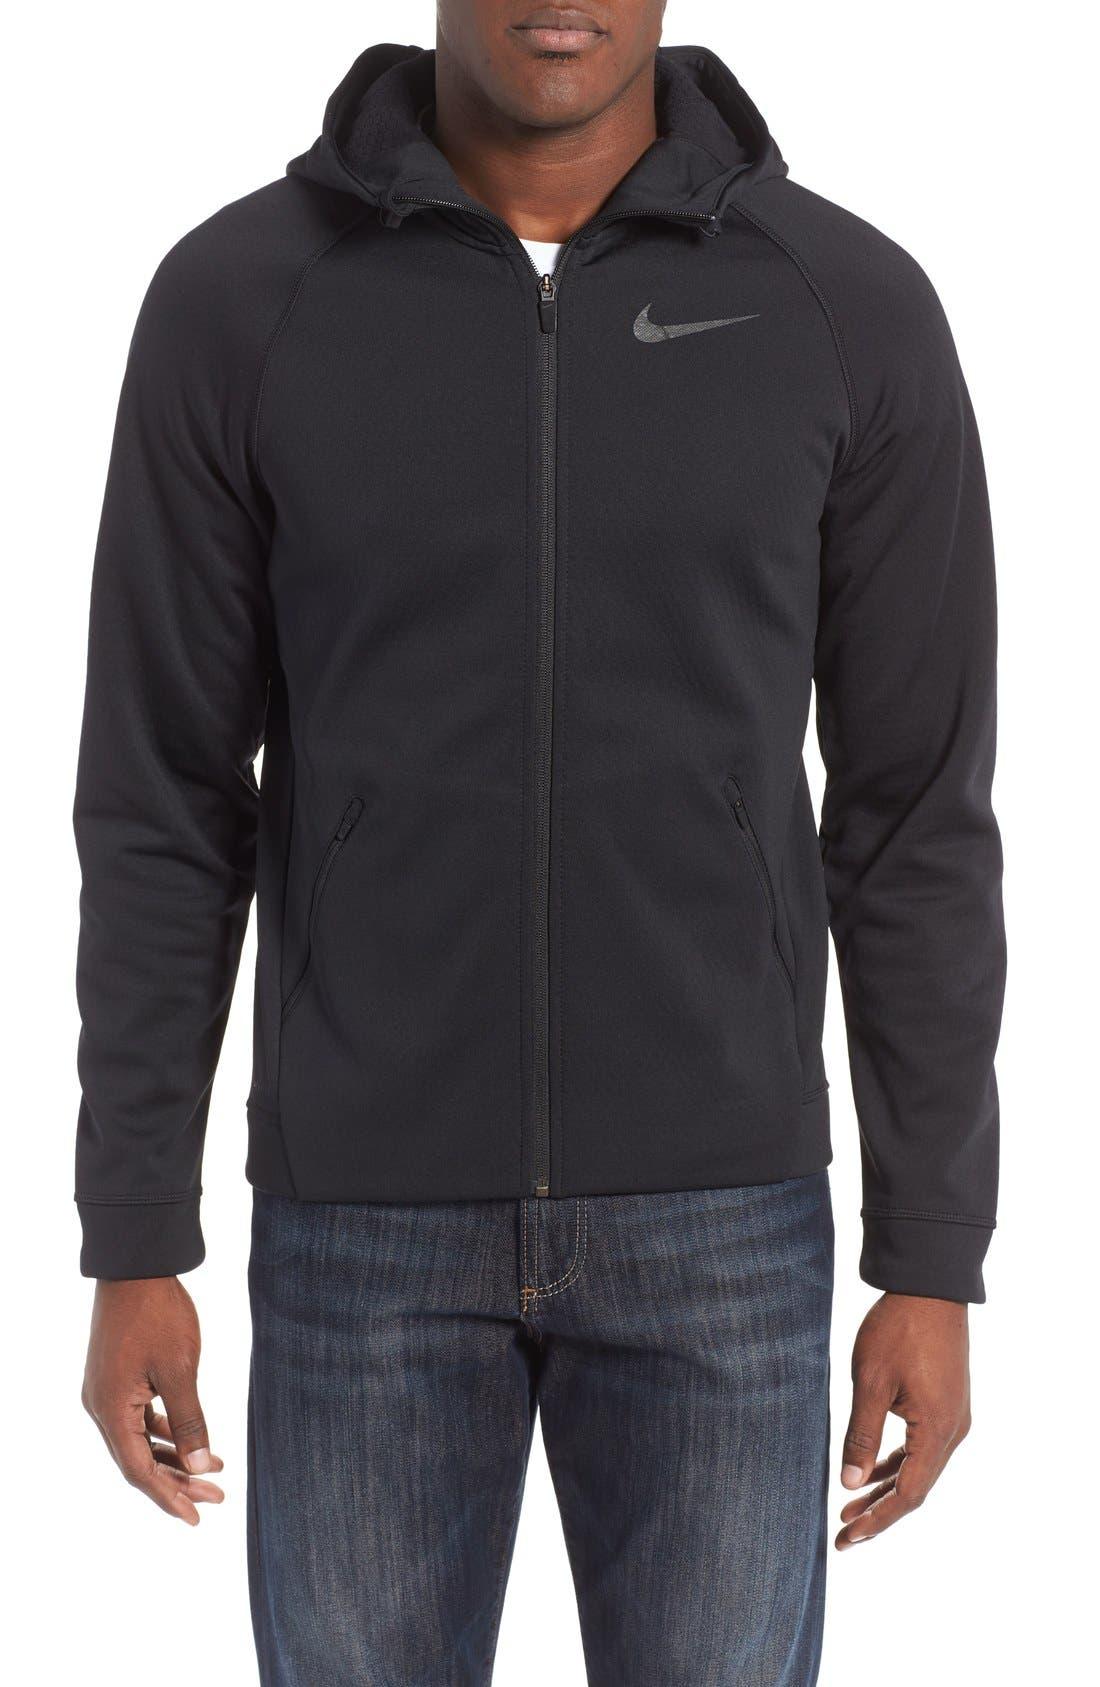 Main Image - Nike Therma-Sphere Hooded Zip Jacket